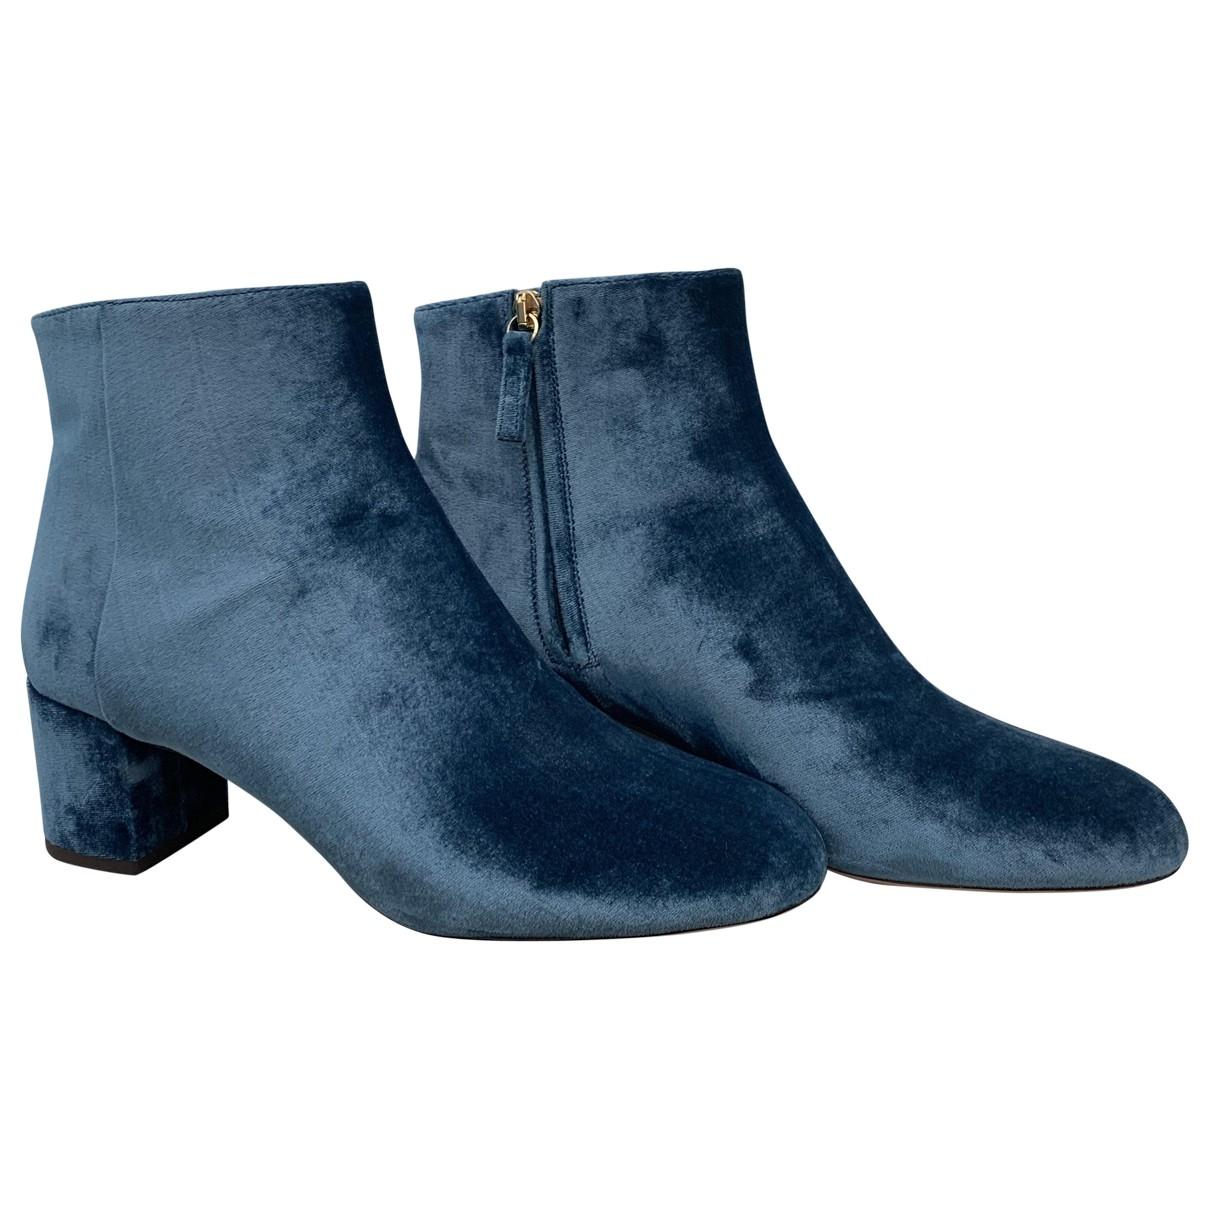 Aquazzura - Boots   pour femme en velours - bleu